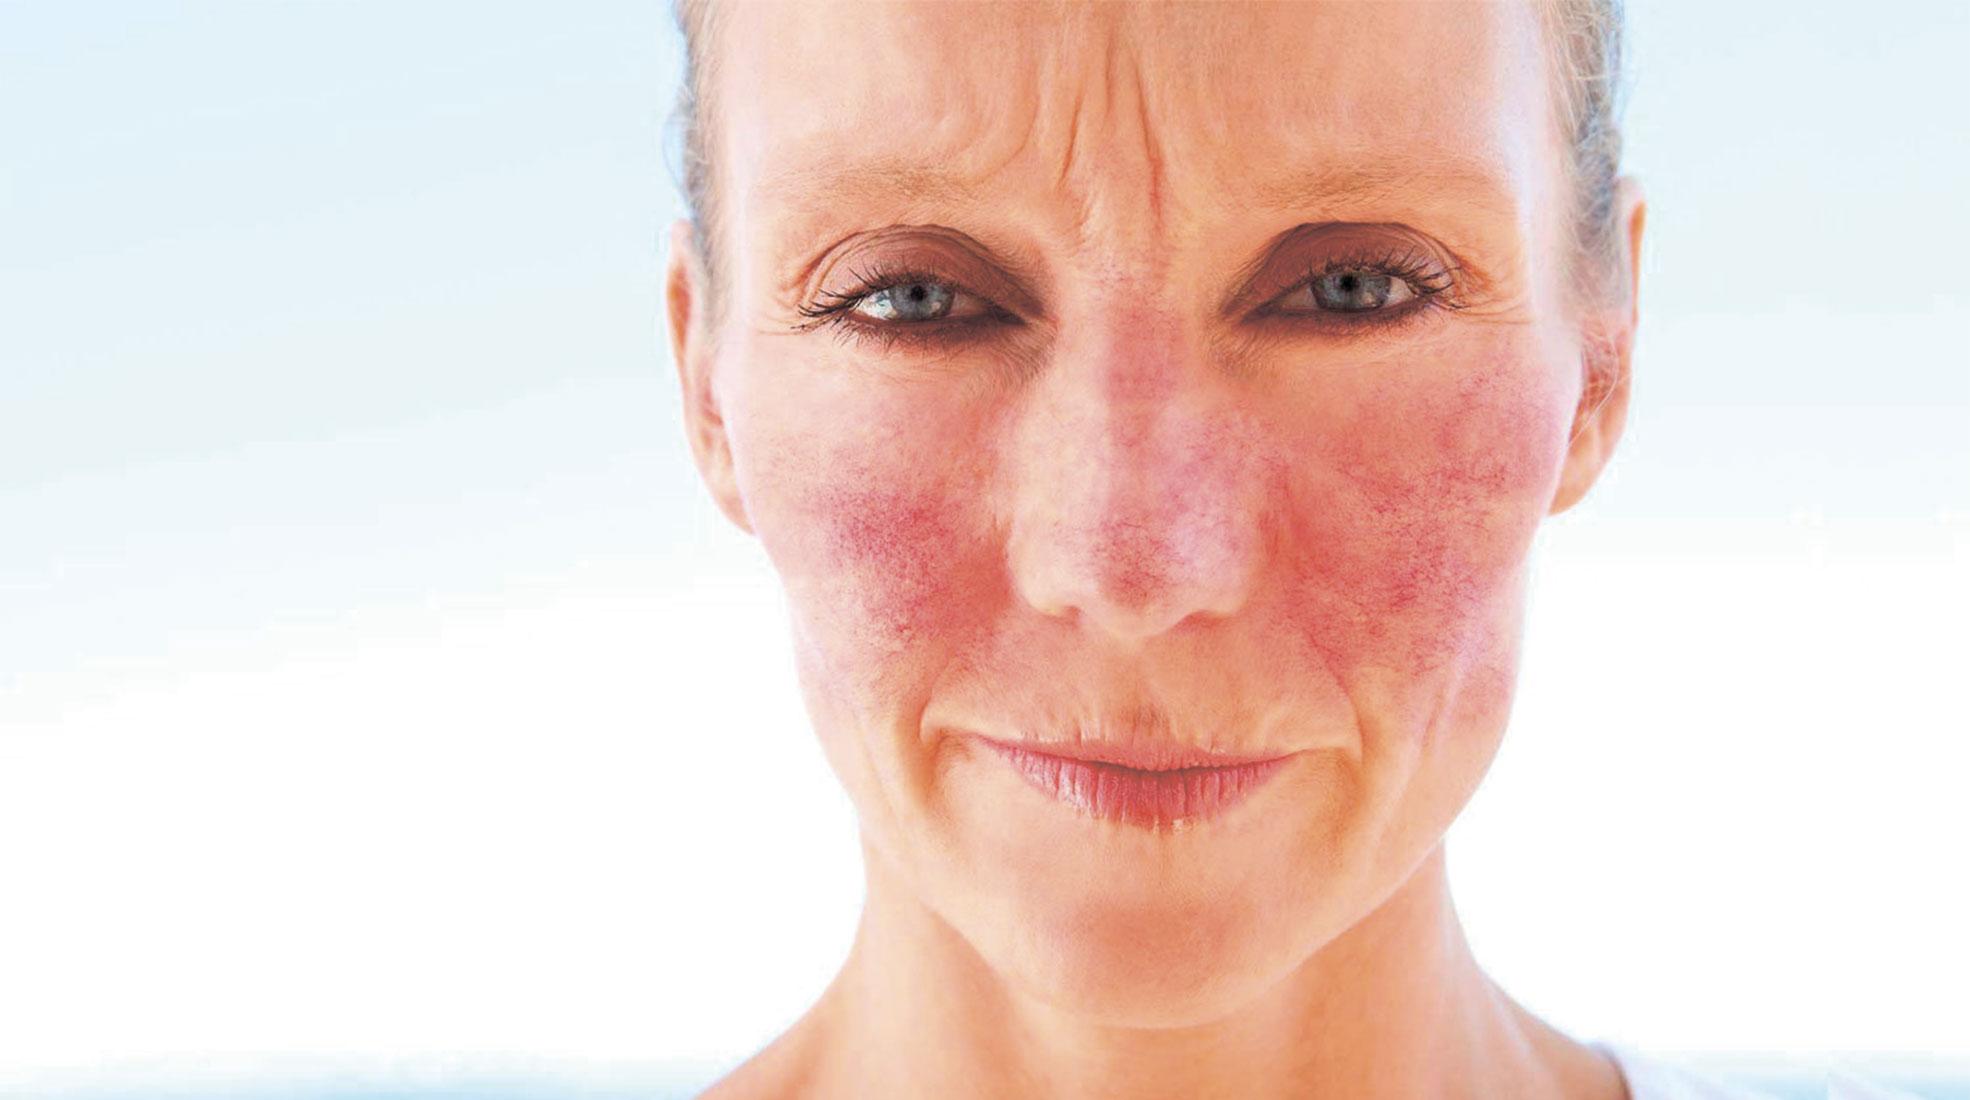 Розацеа: лечение, отзывы. розацеа на лице: лечение лазером